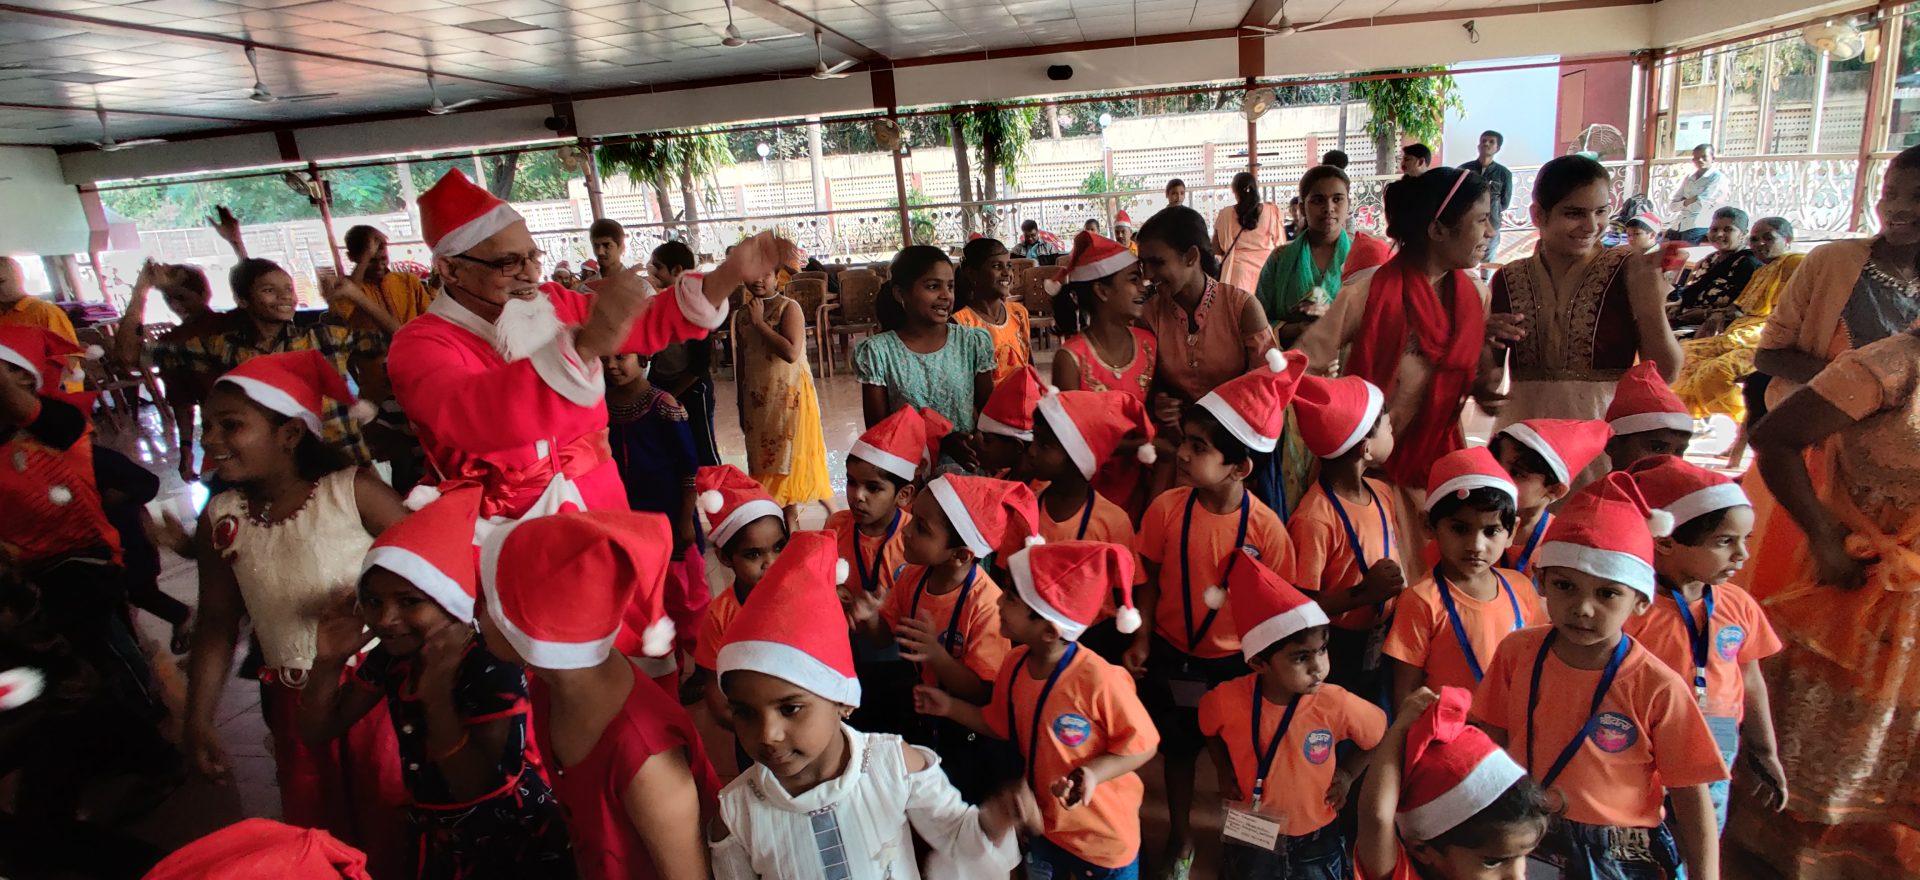 विशेष मुले,बालरुग्ण आणि दिव्यांगांनी लुटला' ख्रिसमस पार्टी ' चा आनंद !